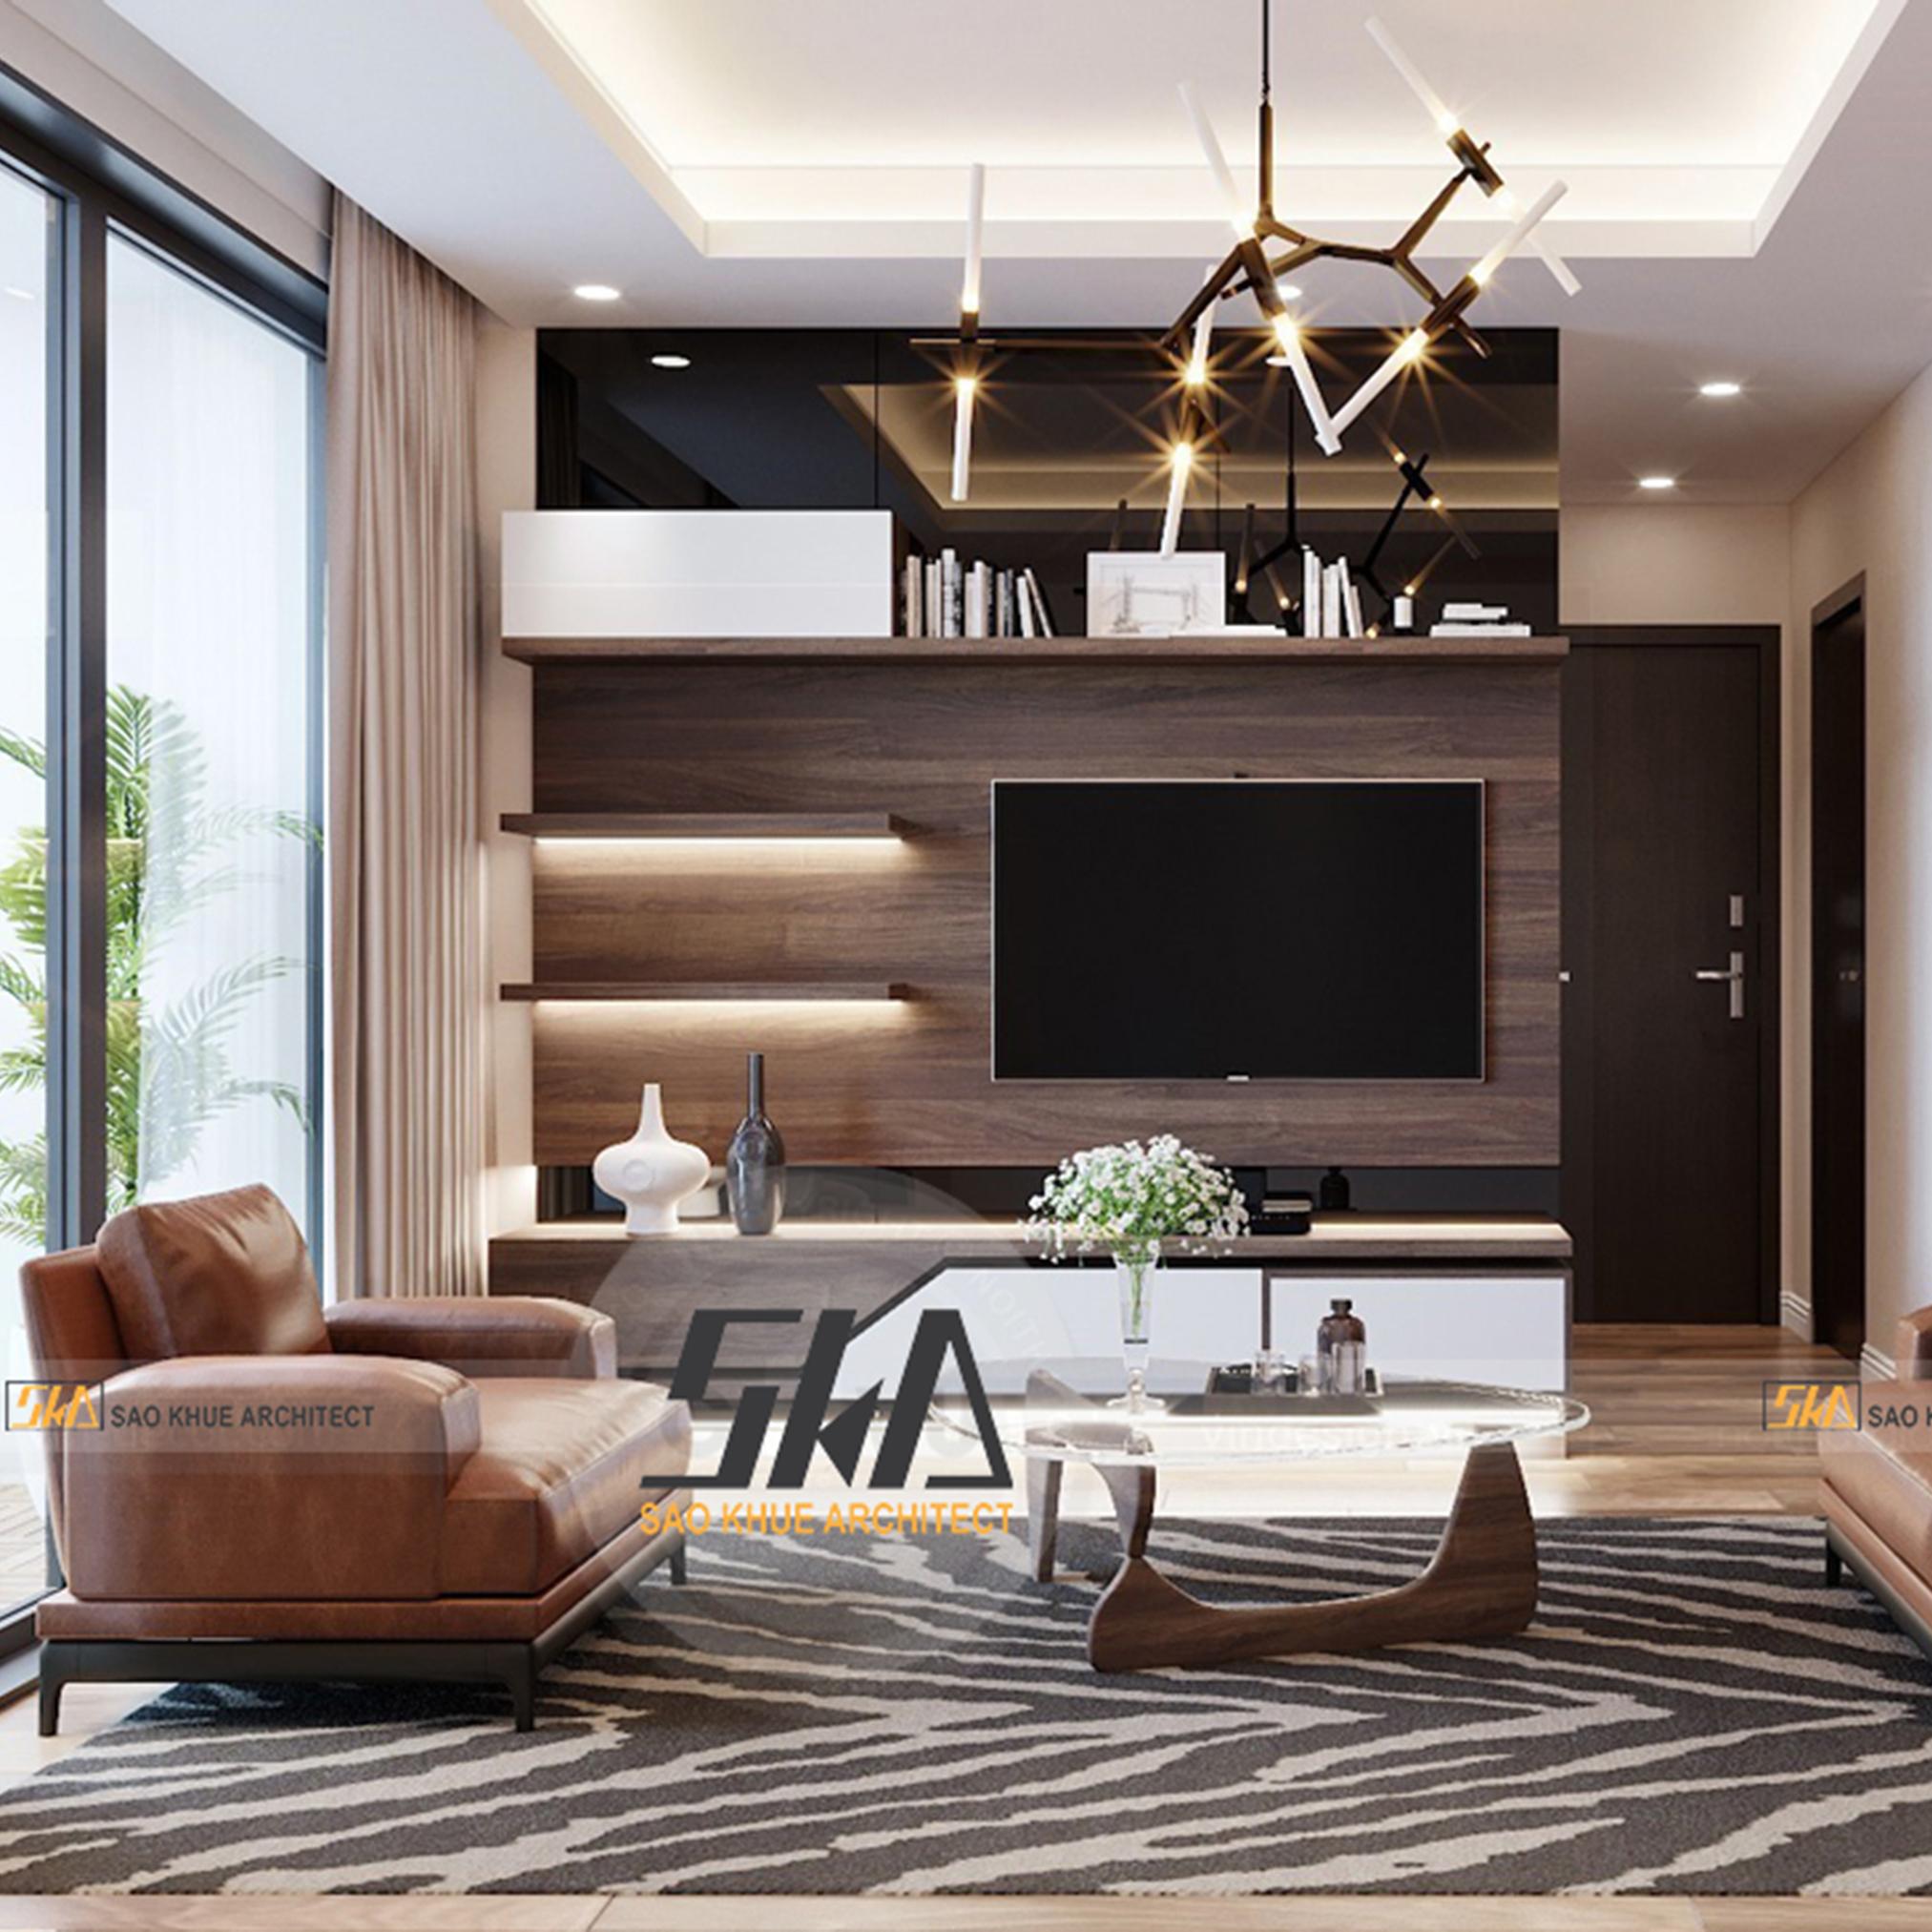 Thiết kế nội thất chung cư NowZone 3 phòng ngủ hiện đại, sáng tạo